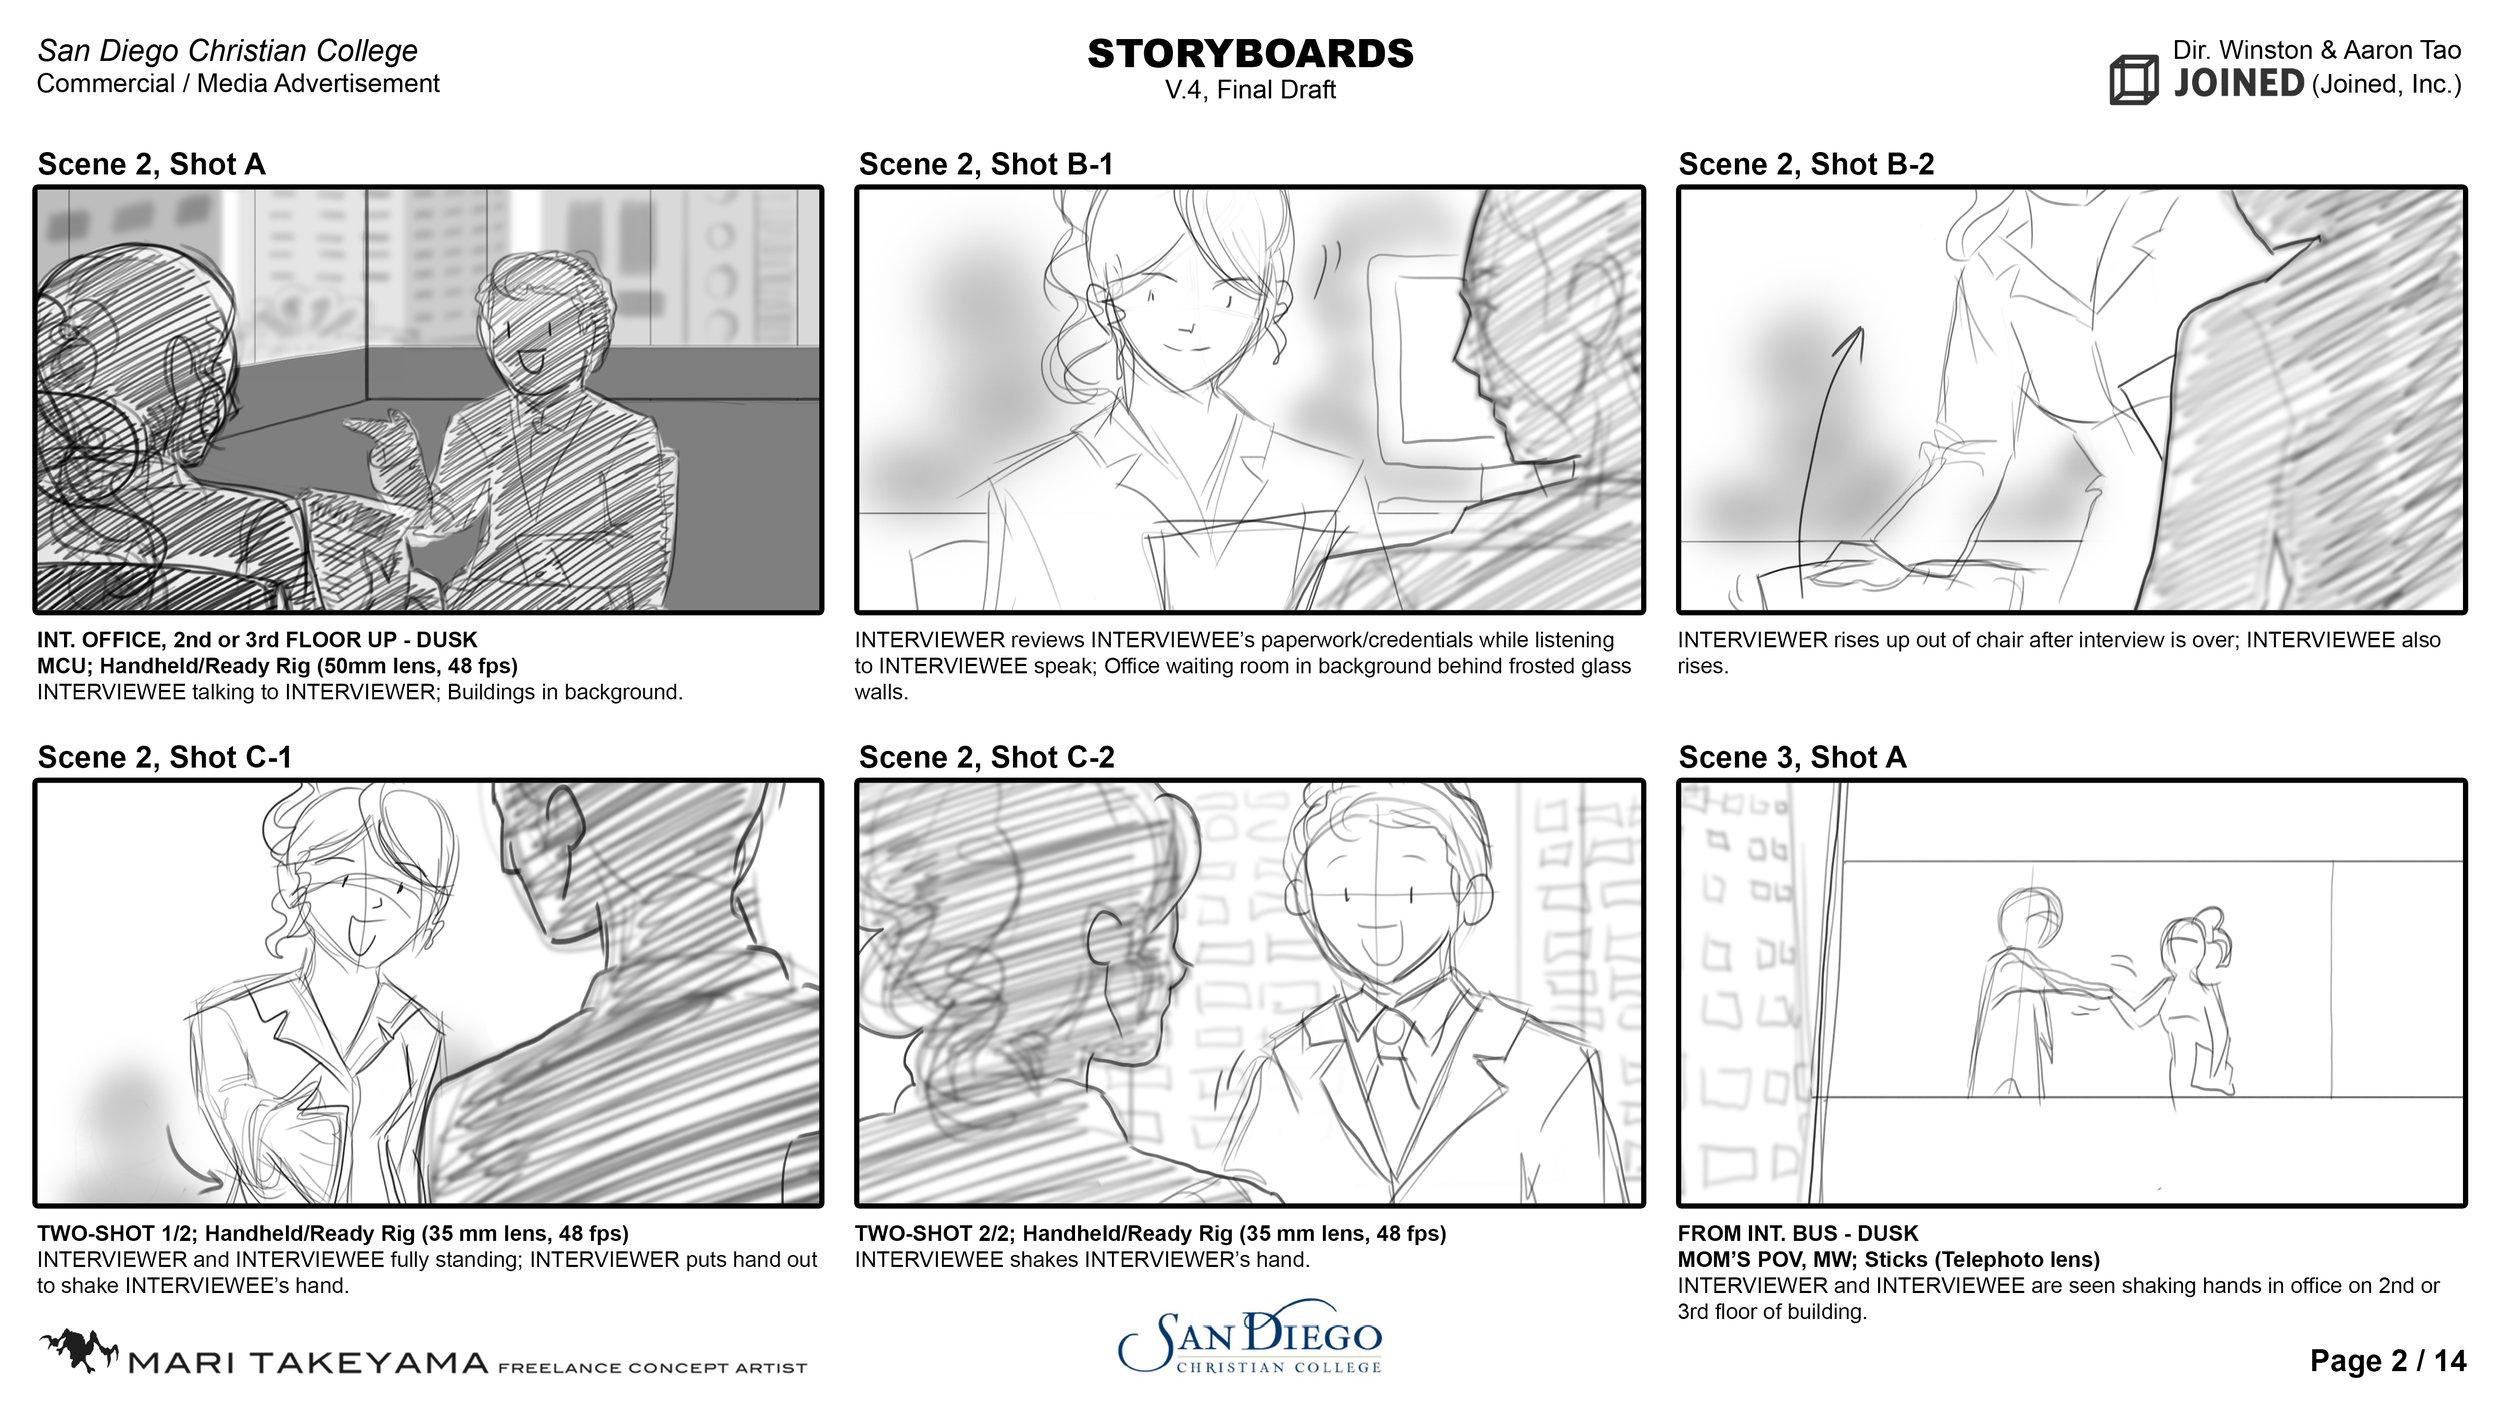 SDCC_Storyboards_FinalDraft_05.jpg